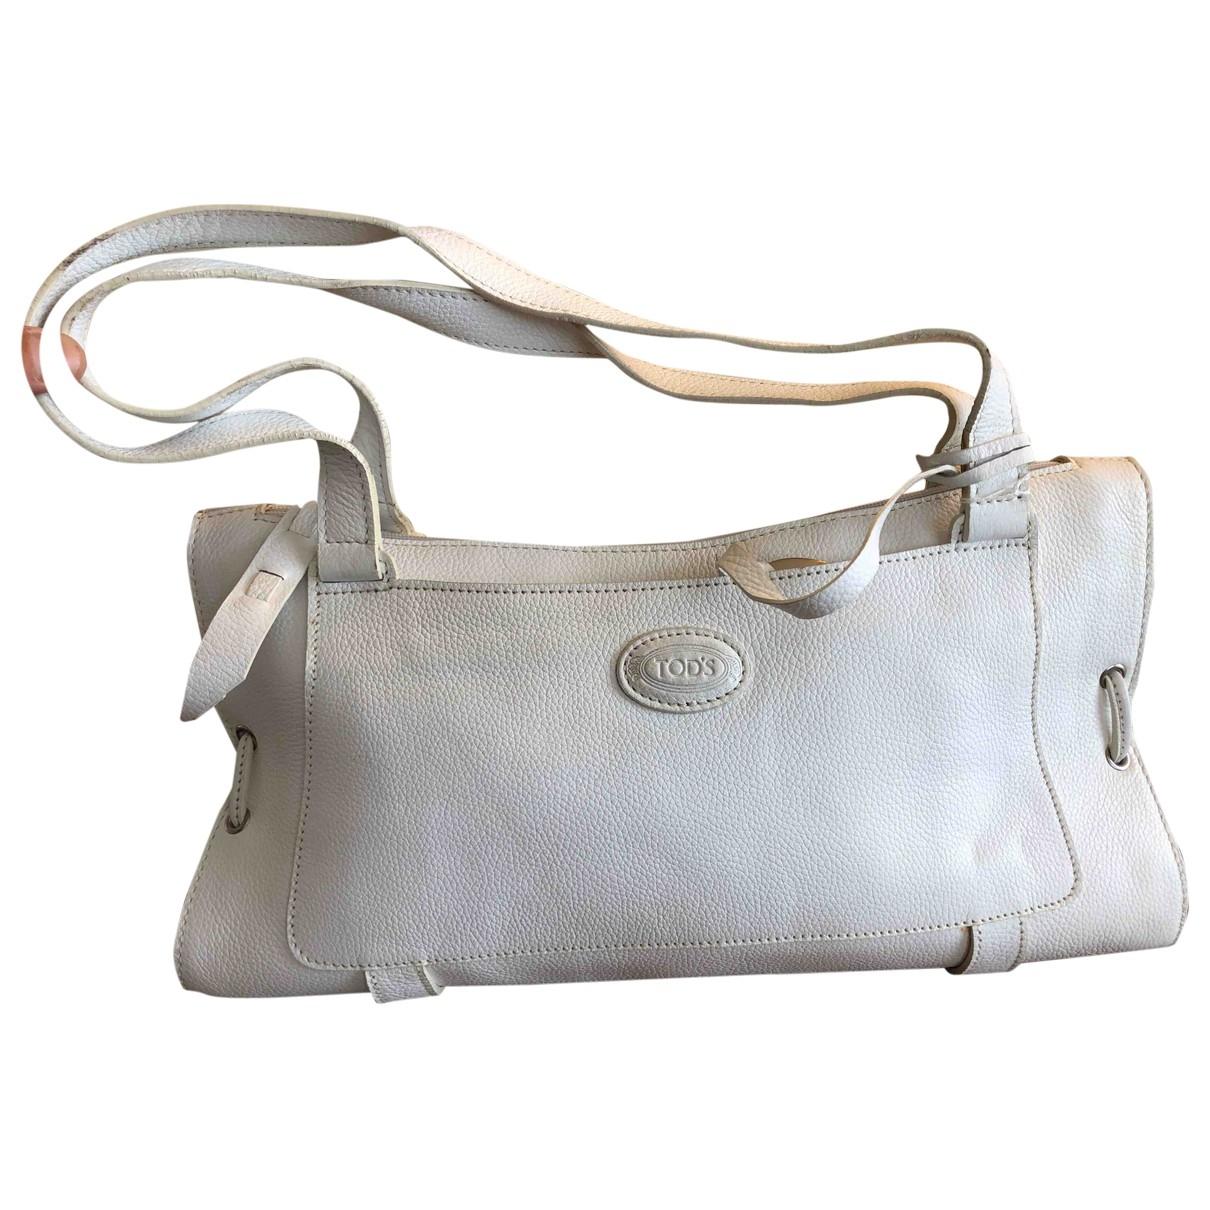 Tod's \N White Leather handbag for Women \N